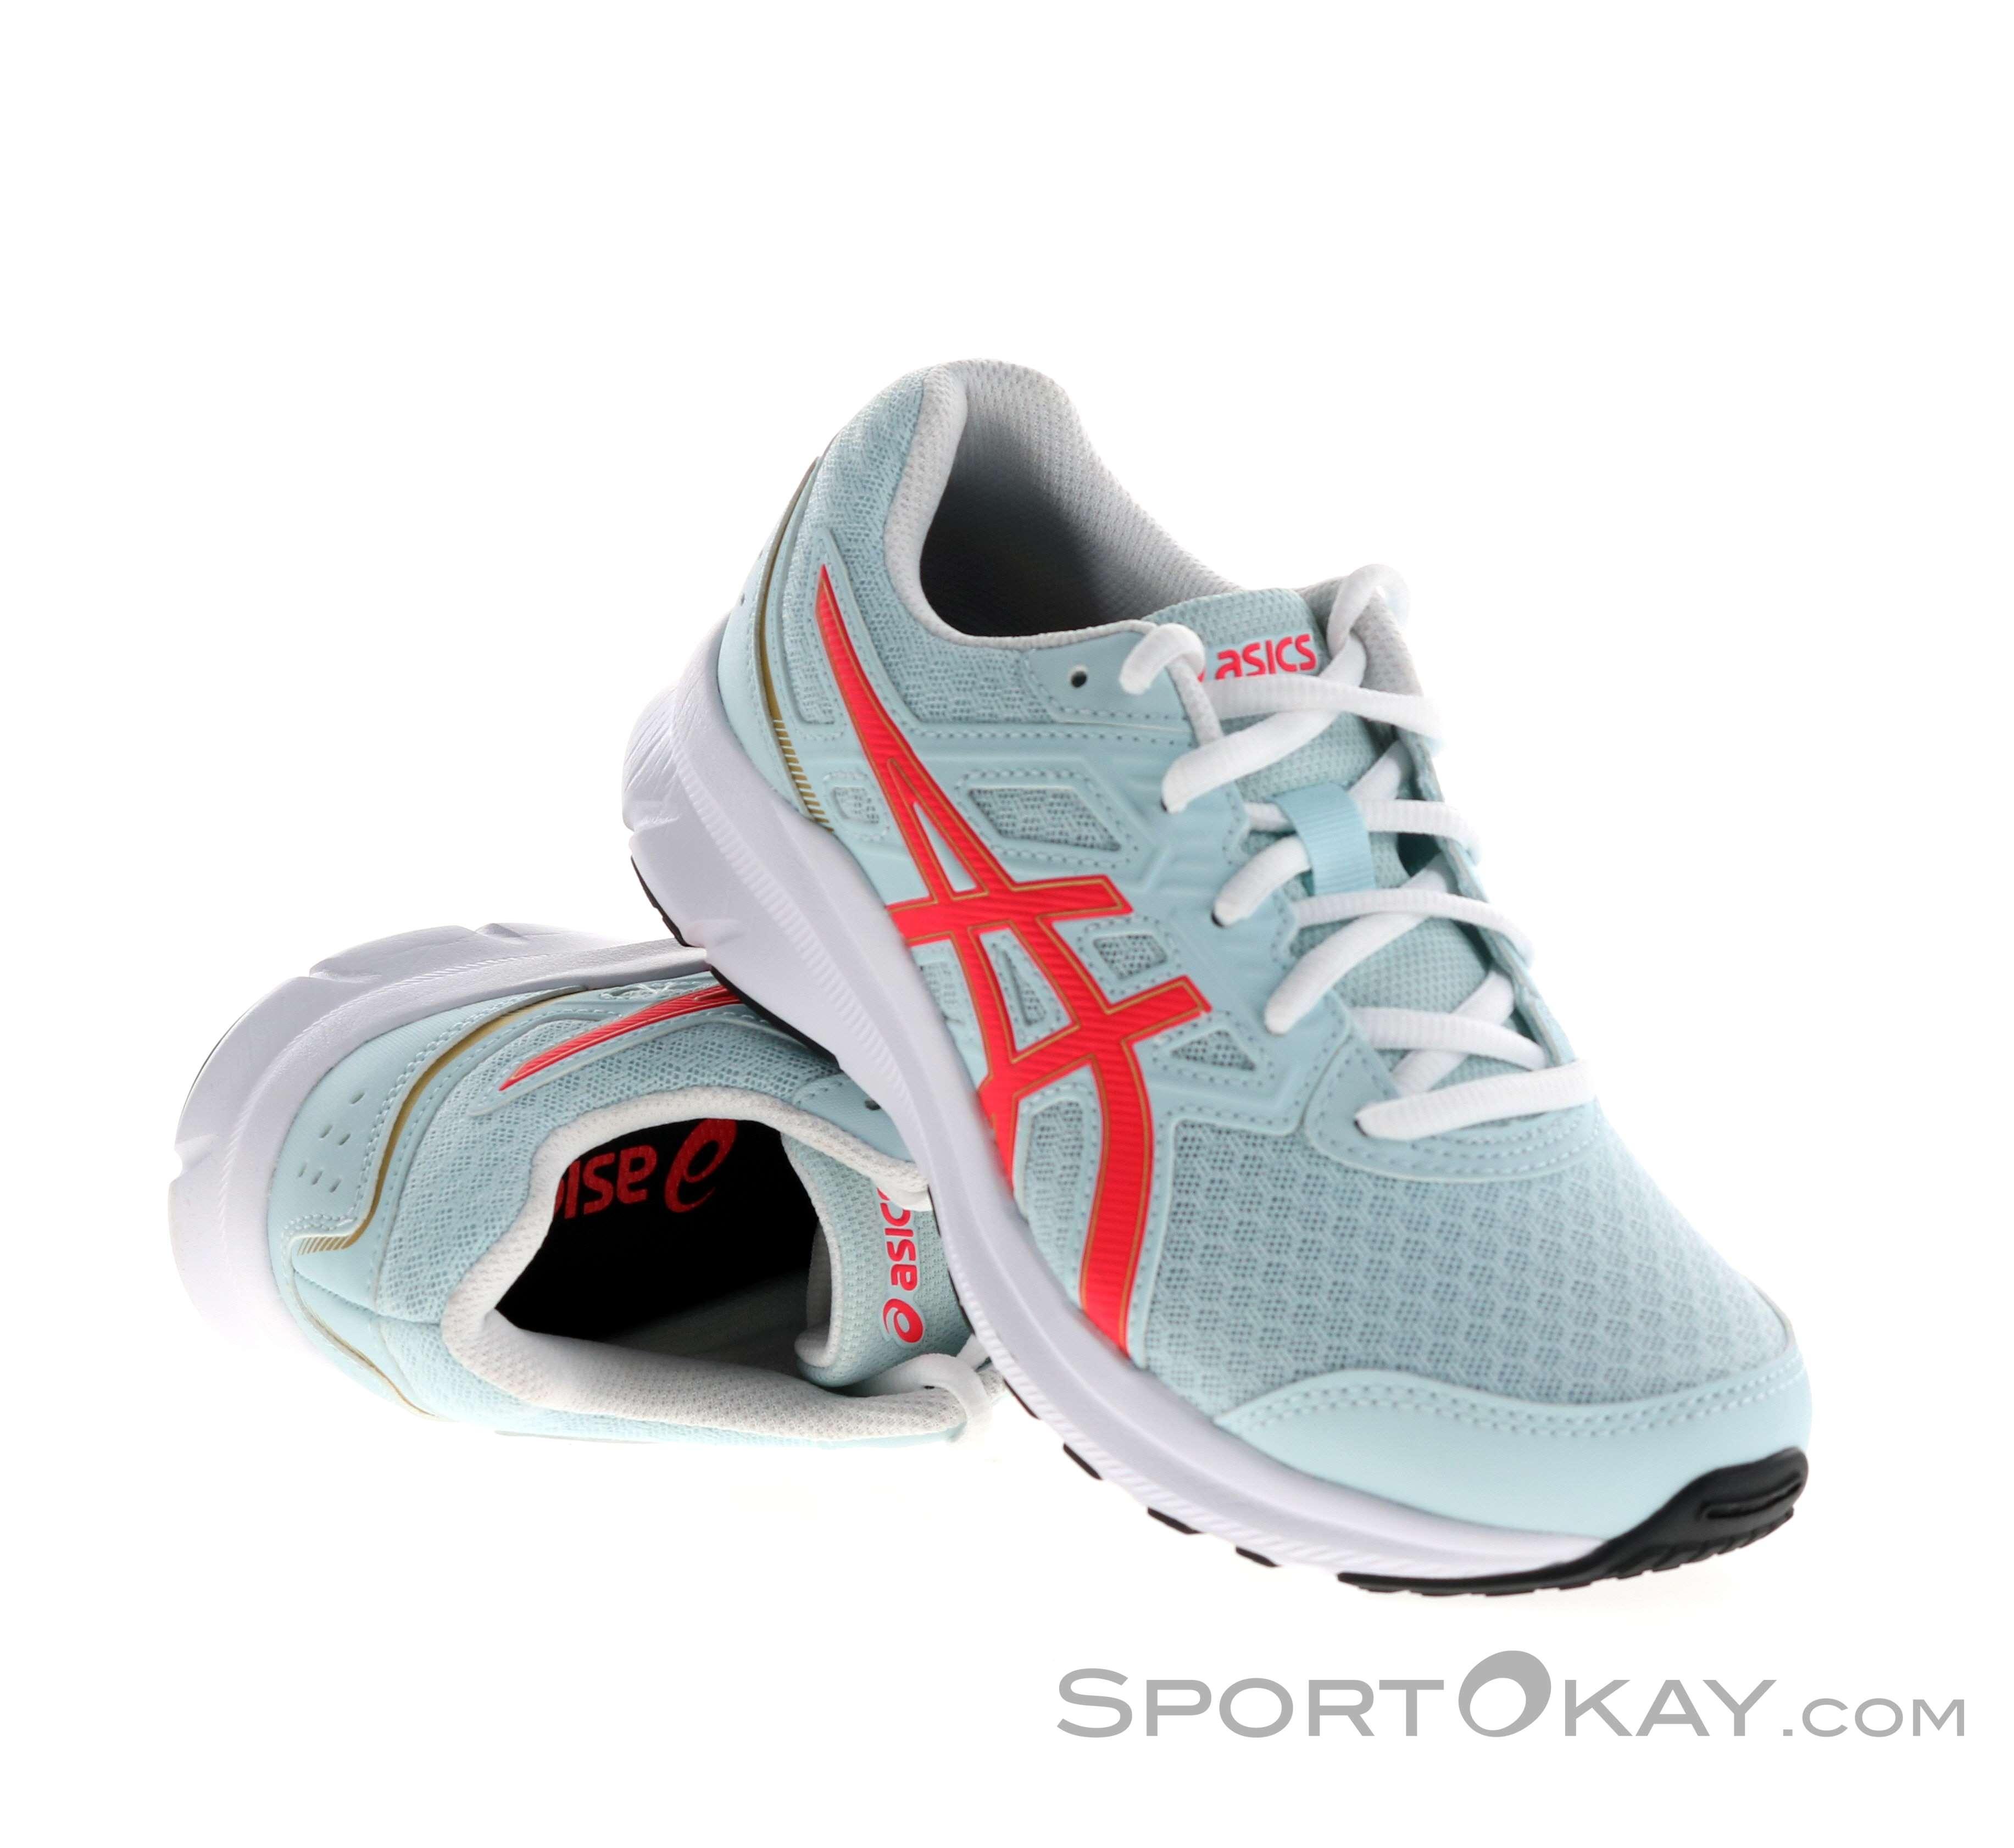 Asics Asics Jolt 3 GS Kids Running Shoes